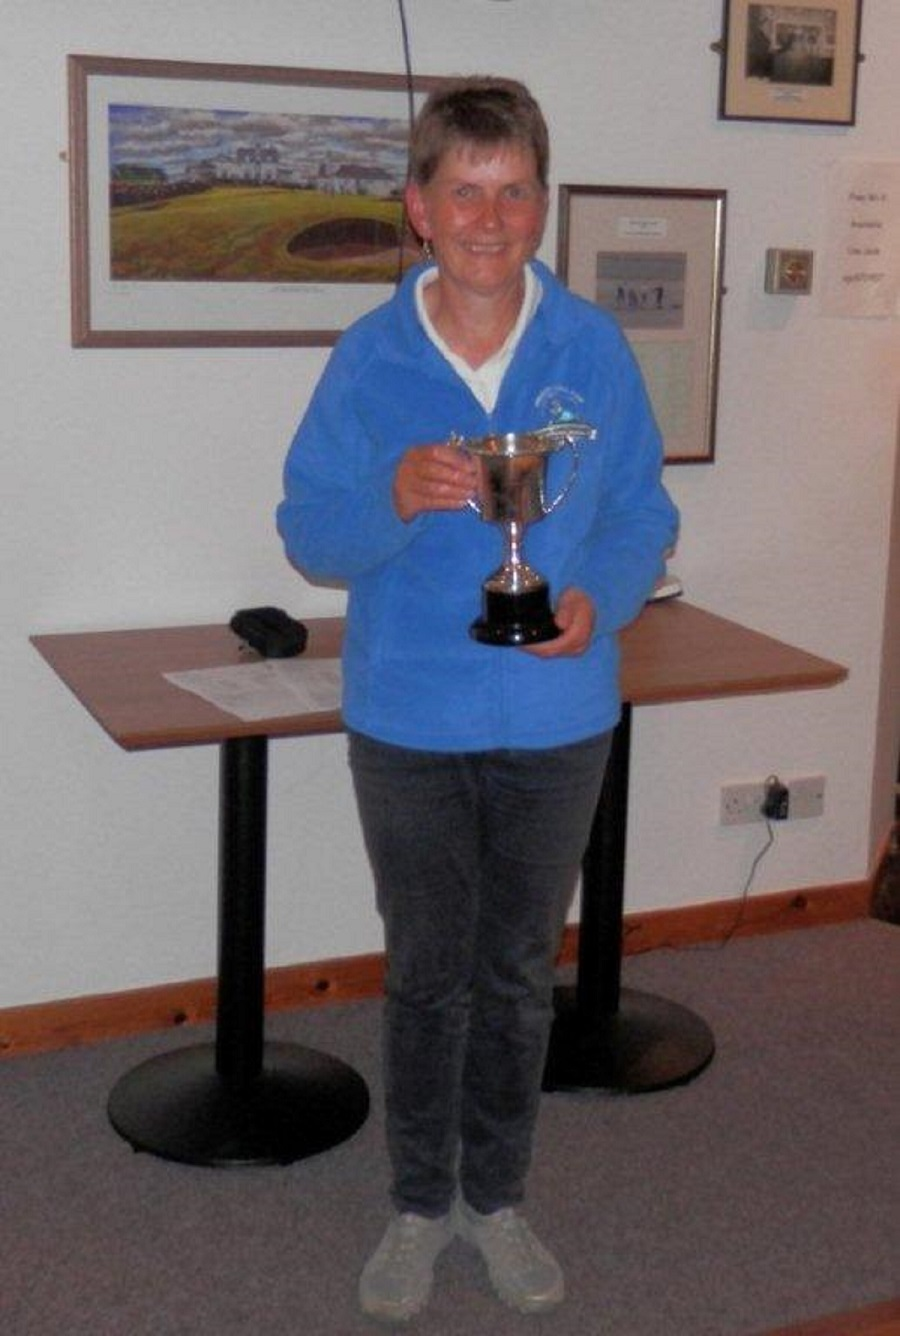 Elma Bews Seniors Trophy winner 2015 - Linda Bonner